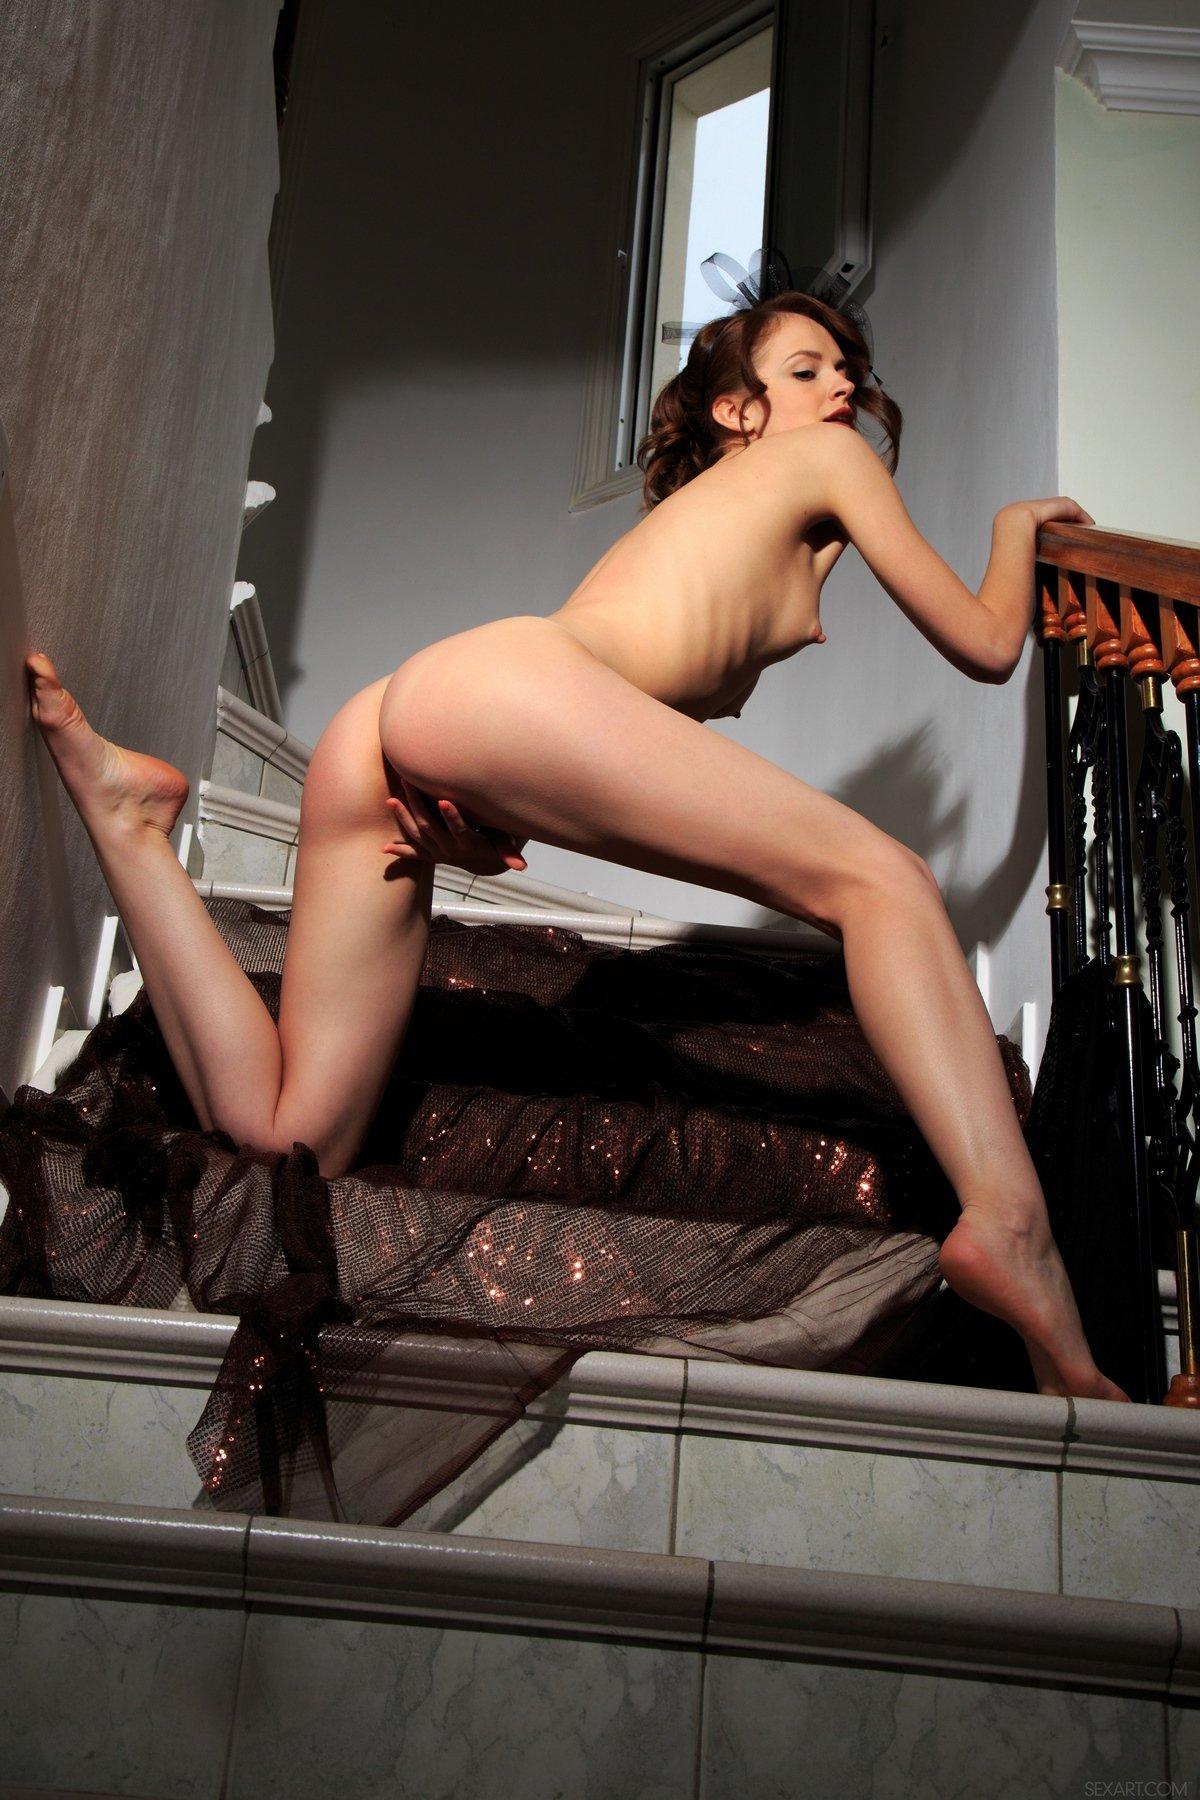 Чувственная эротика обнаженной девушки на лестнице